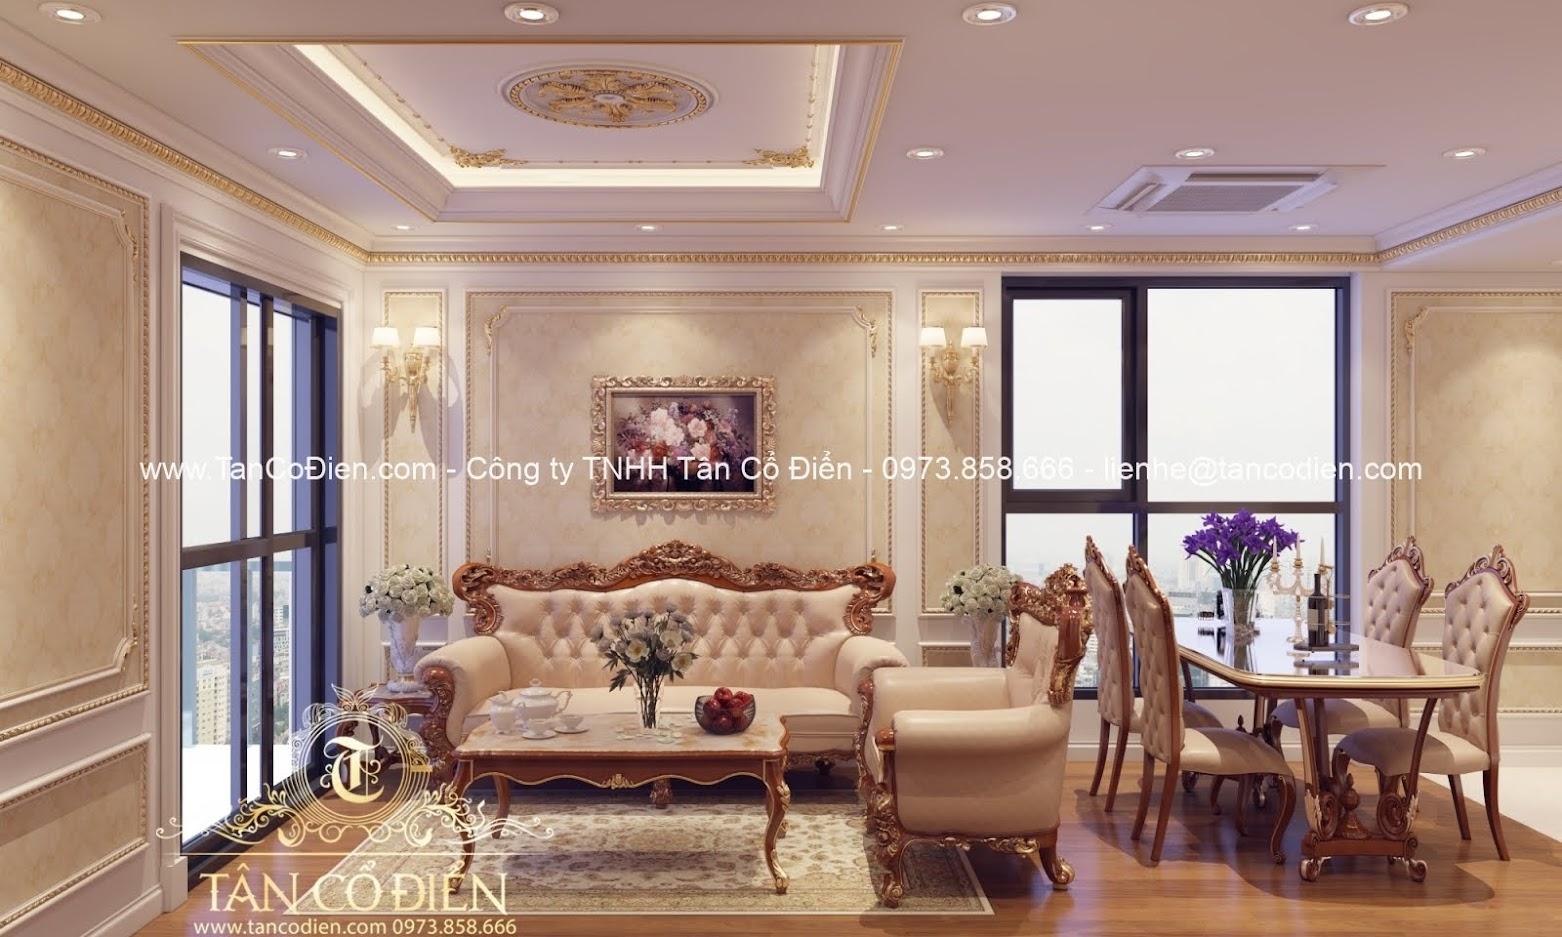 Thiết kế nội thất phòng khách biệt thự tân cổ điển